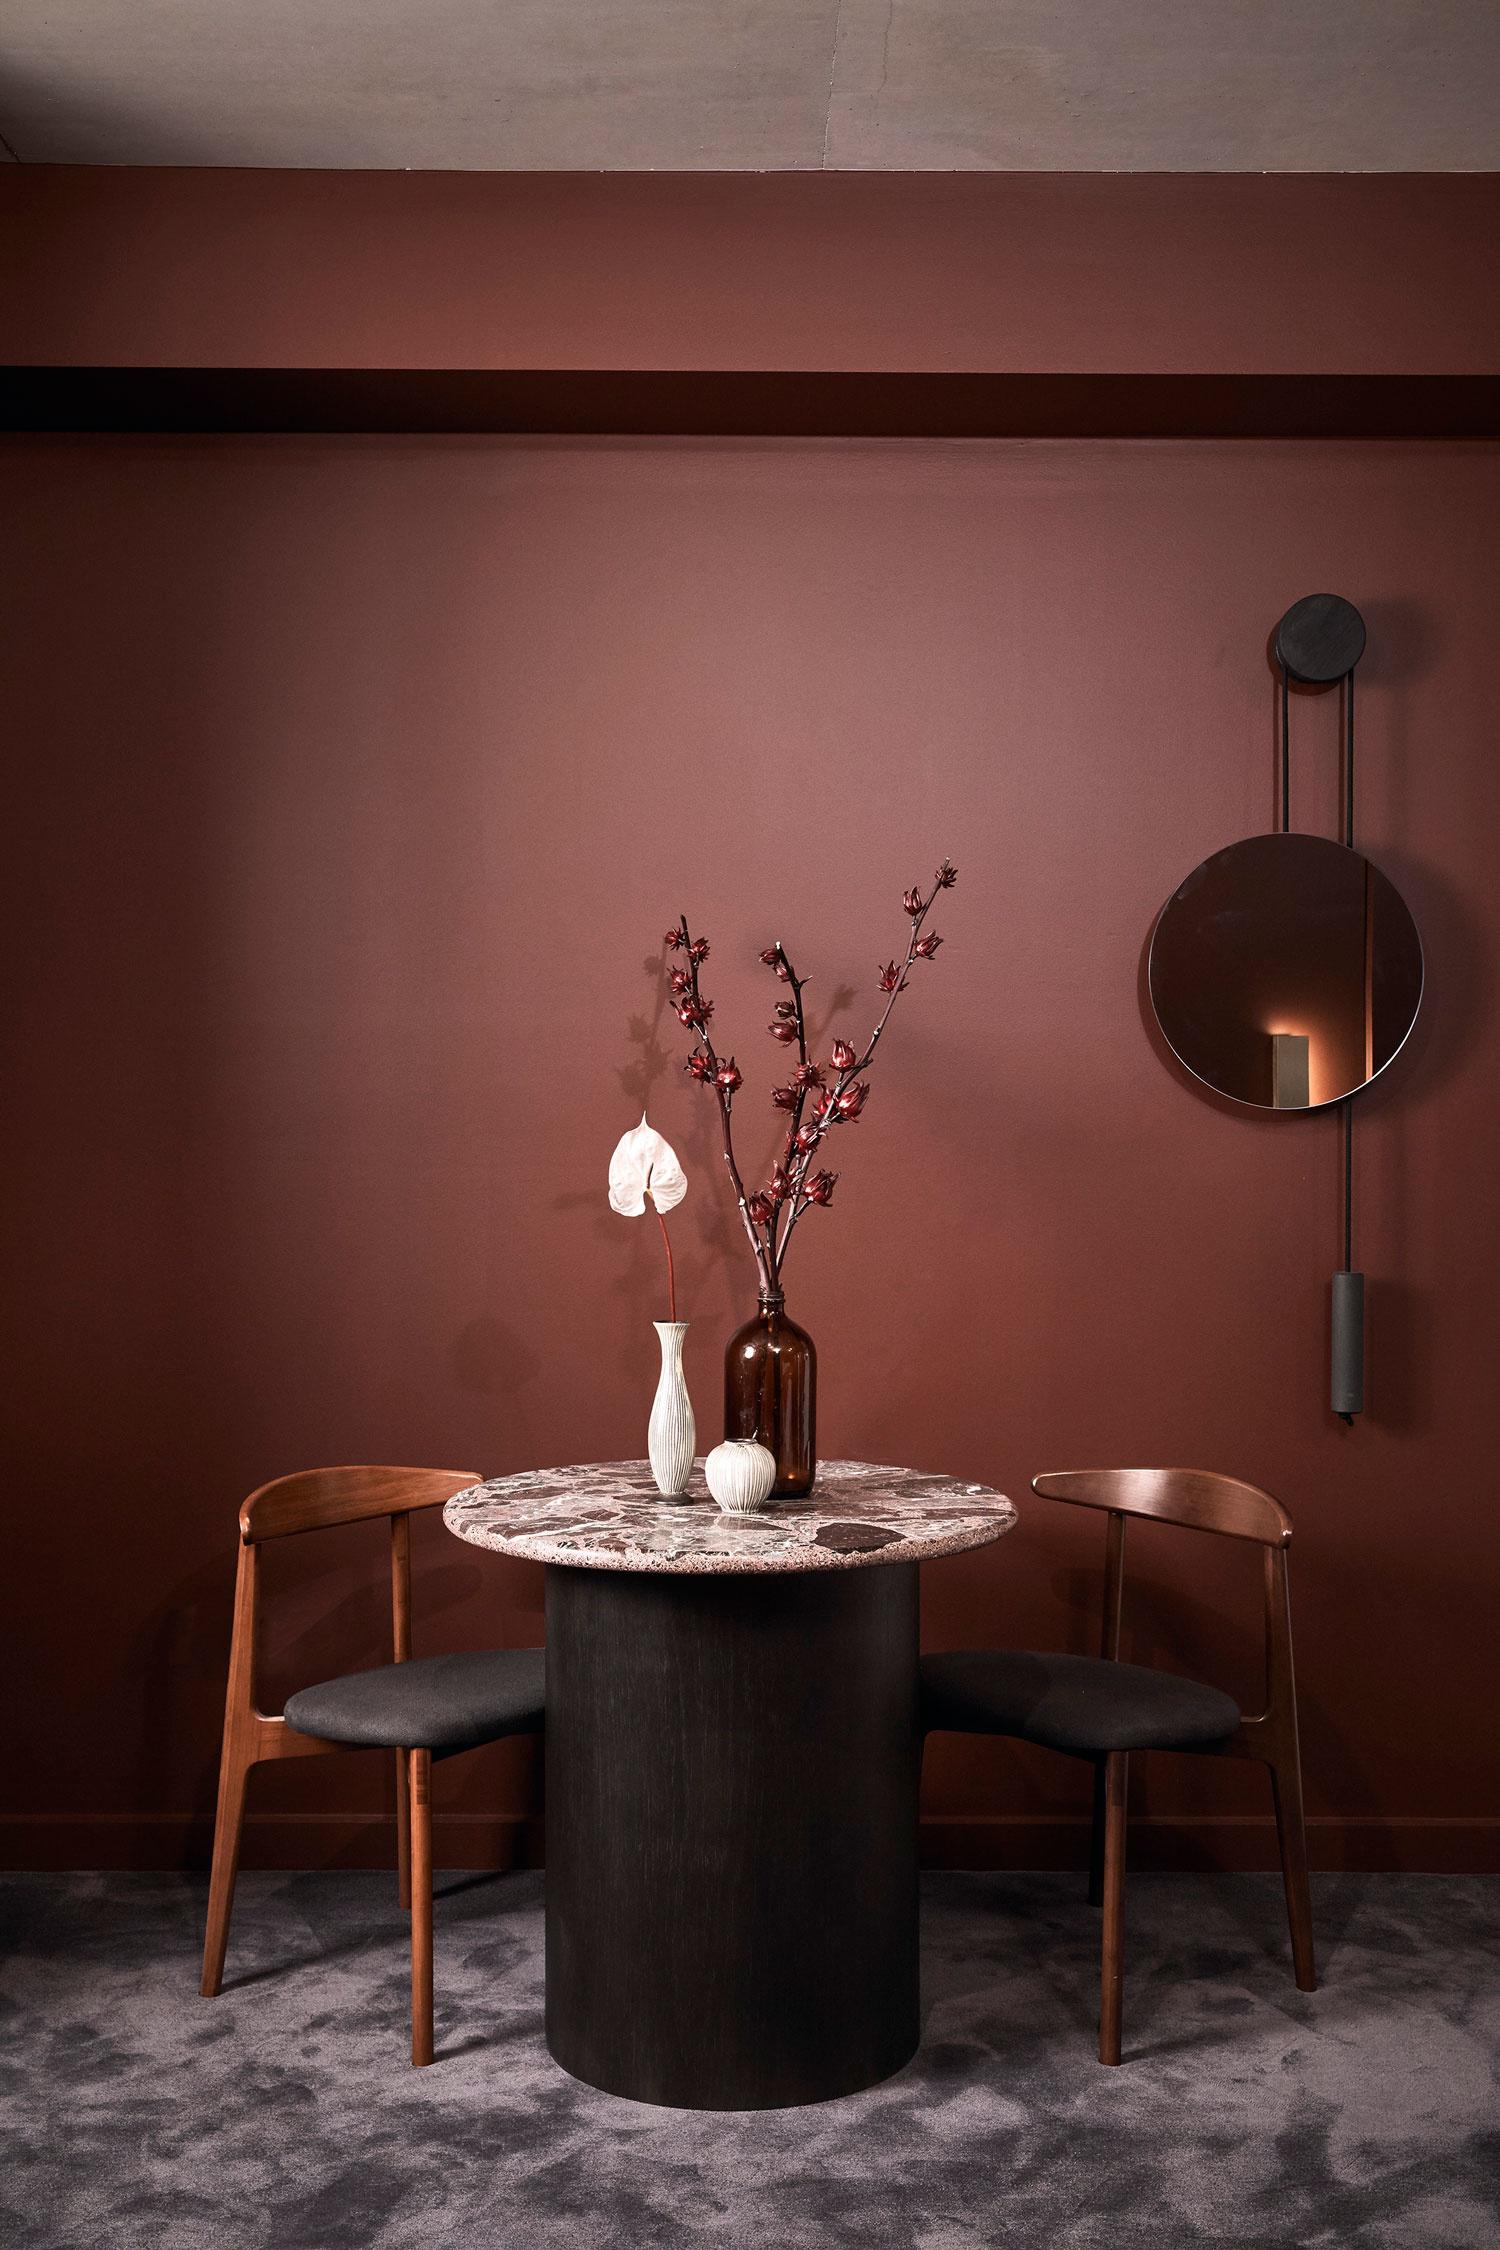 Отель Collectionist: современное искусство и авторский декор (галерея 12, фото 1)